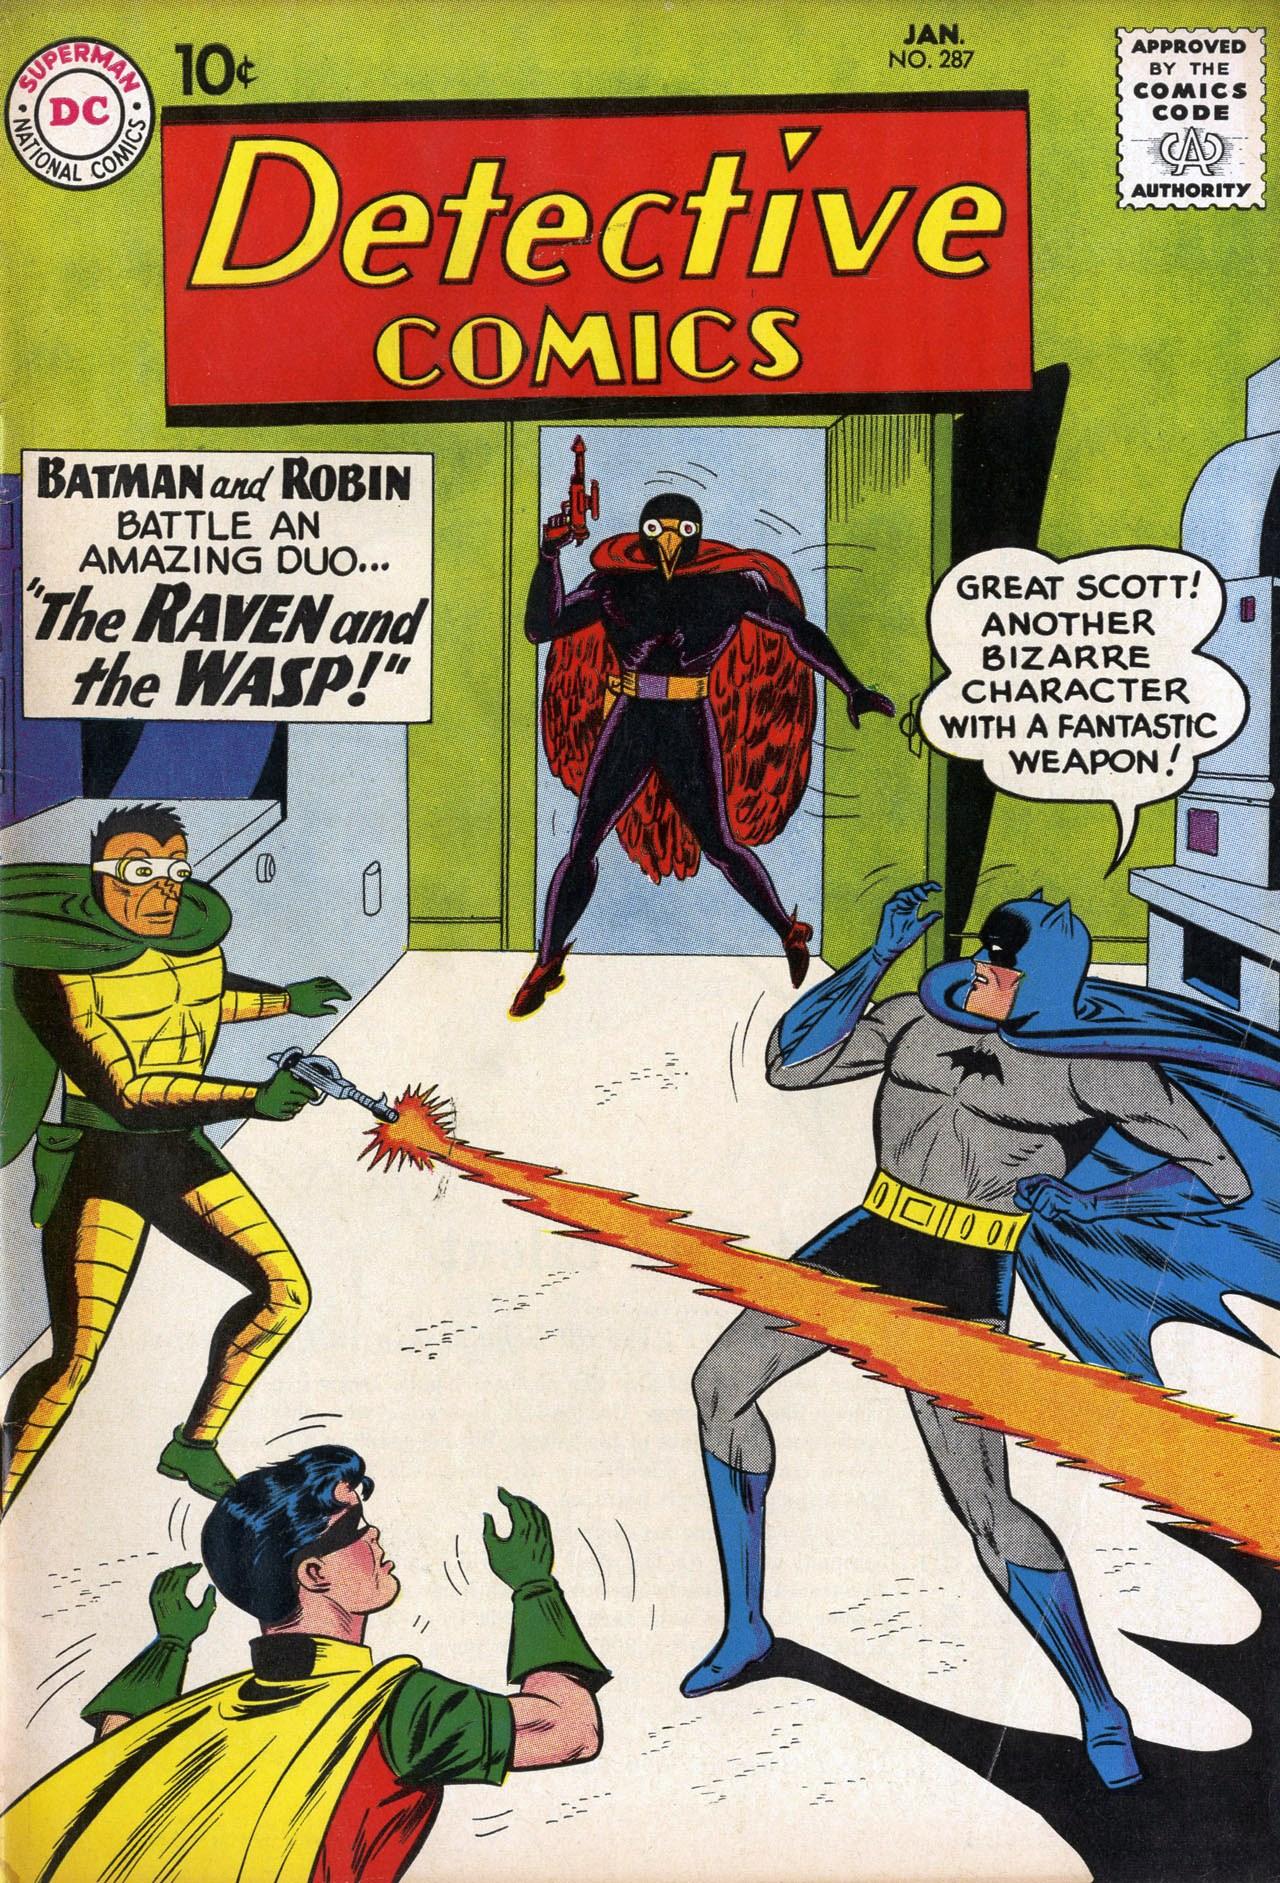 Detective Comics Vol 1 287